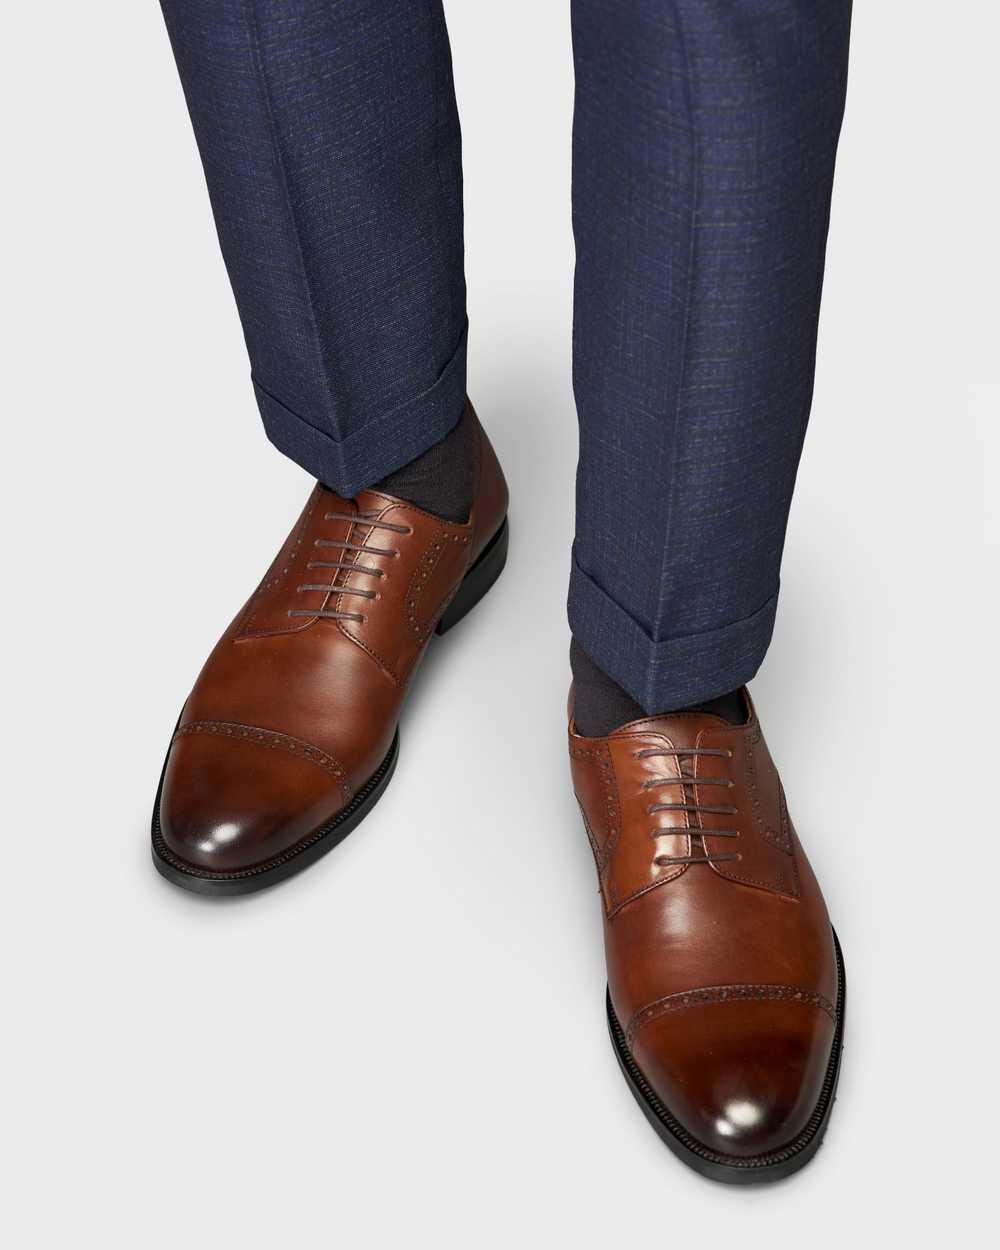 Туфли мужские дерби-броги коричневые